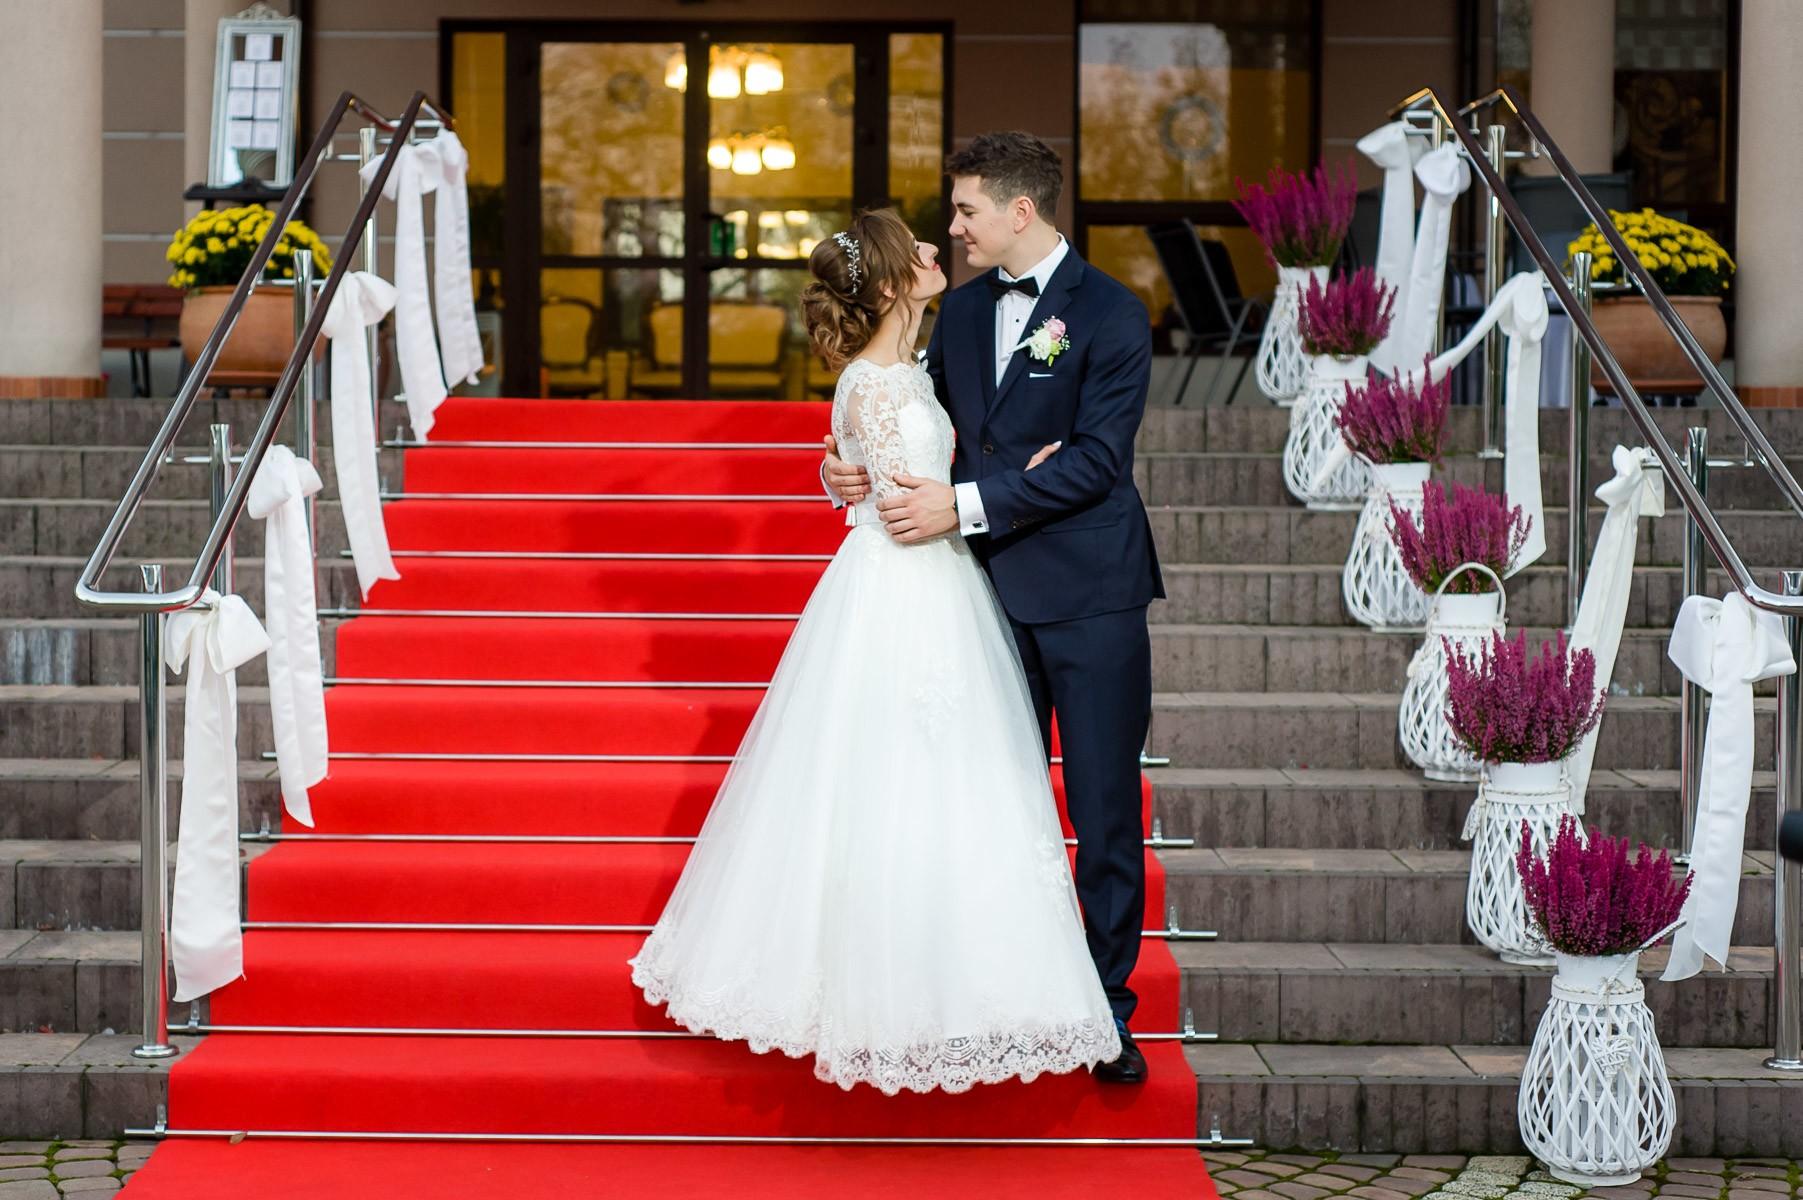 sala na skarpie fotograf slubny slask malopolska adam pietrusiak plener slubny w gorach jw wedding 136